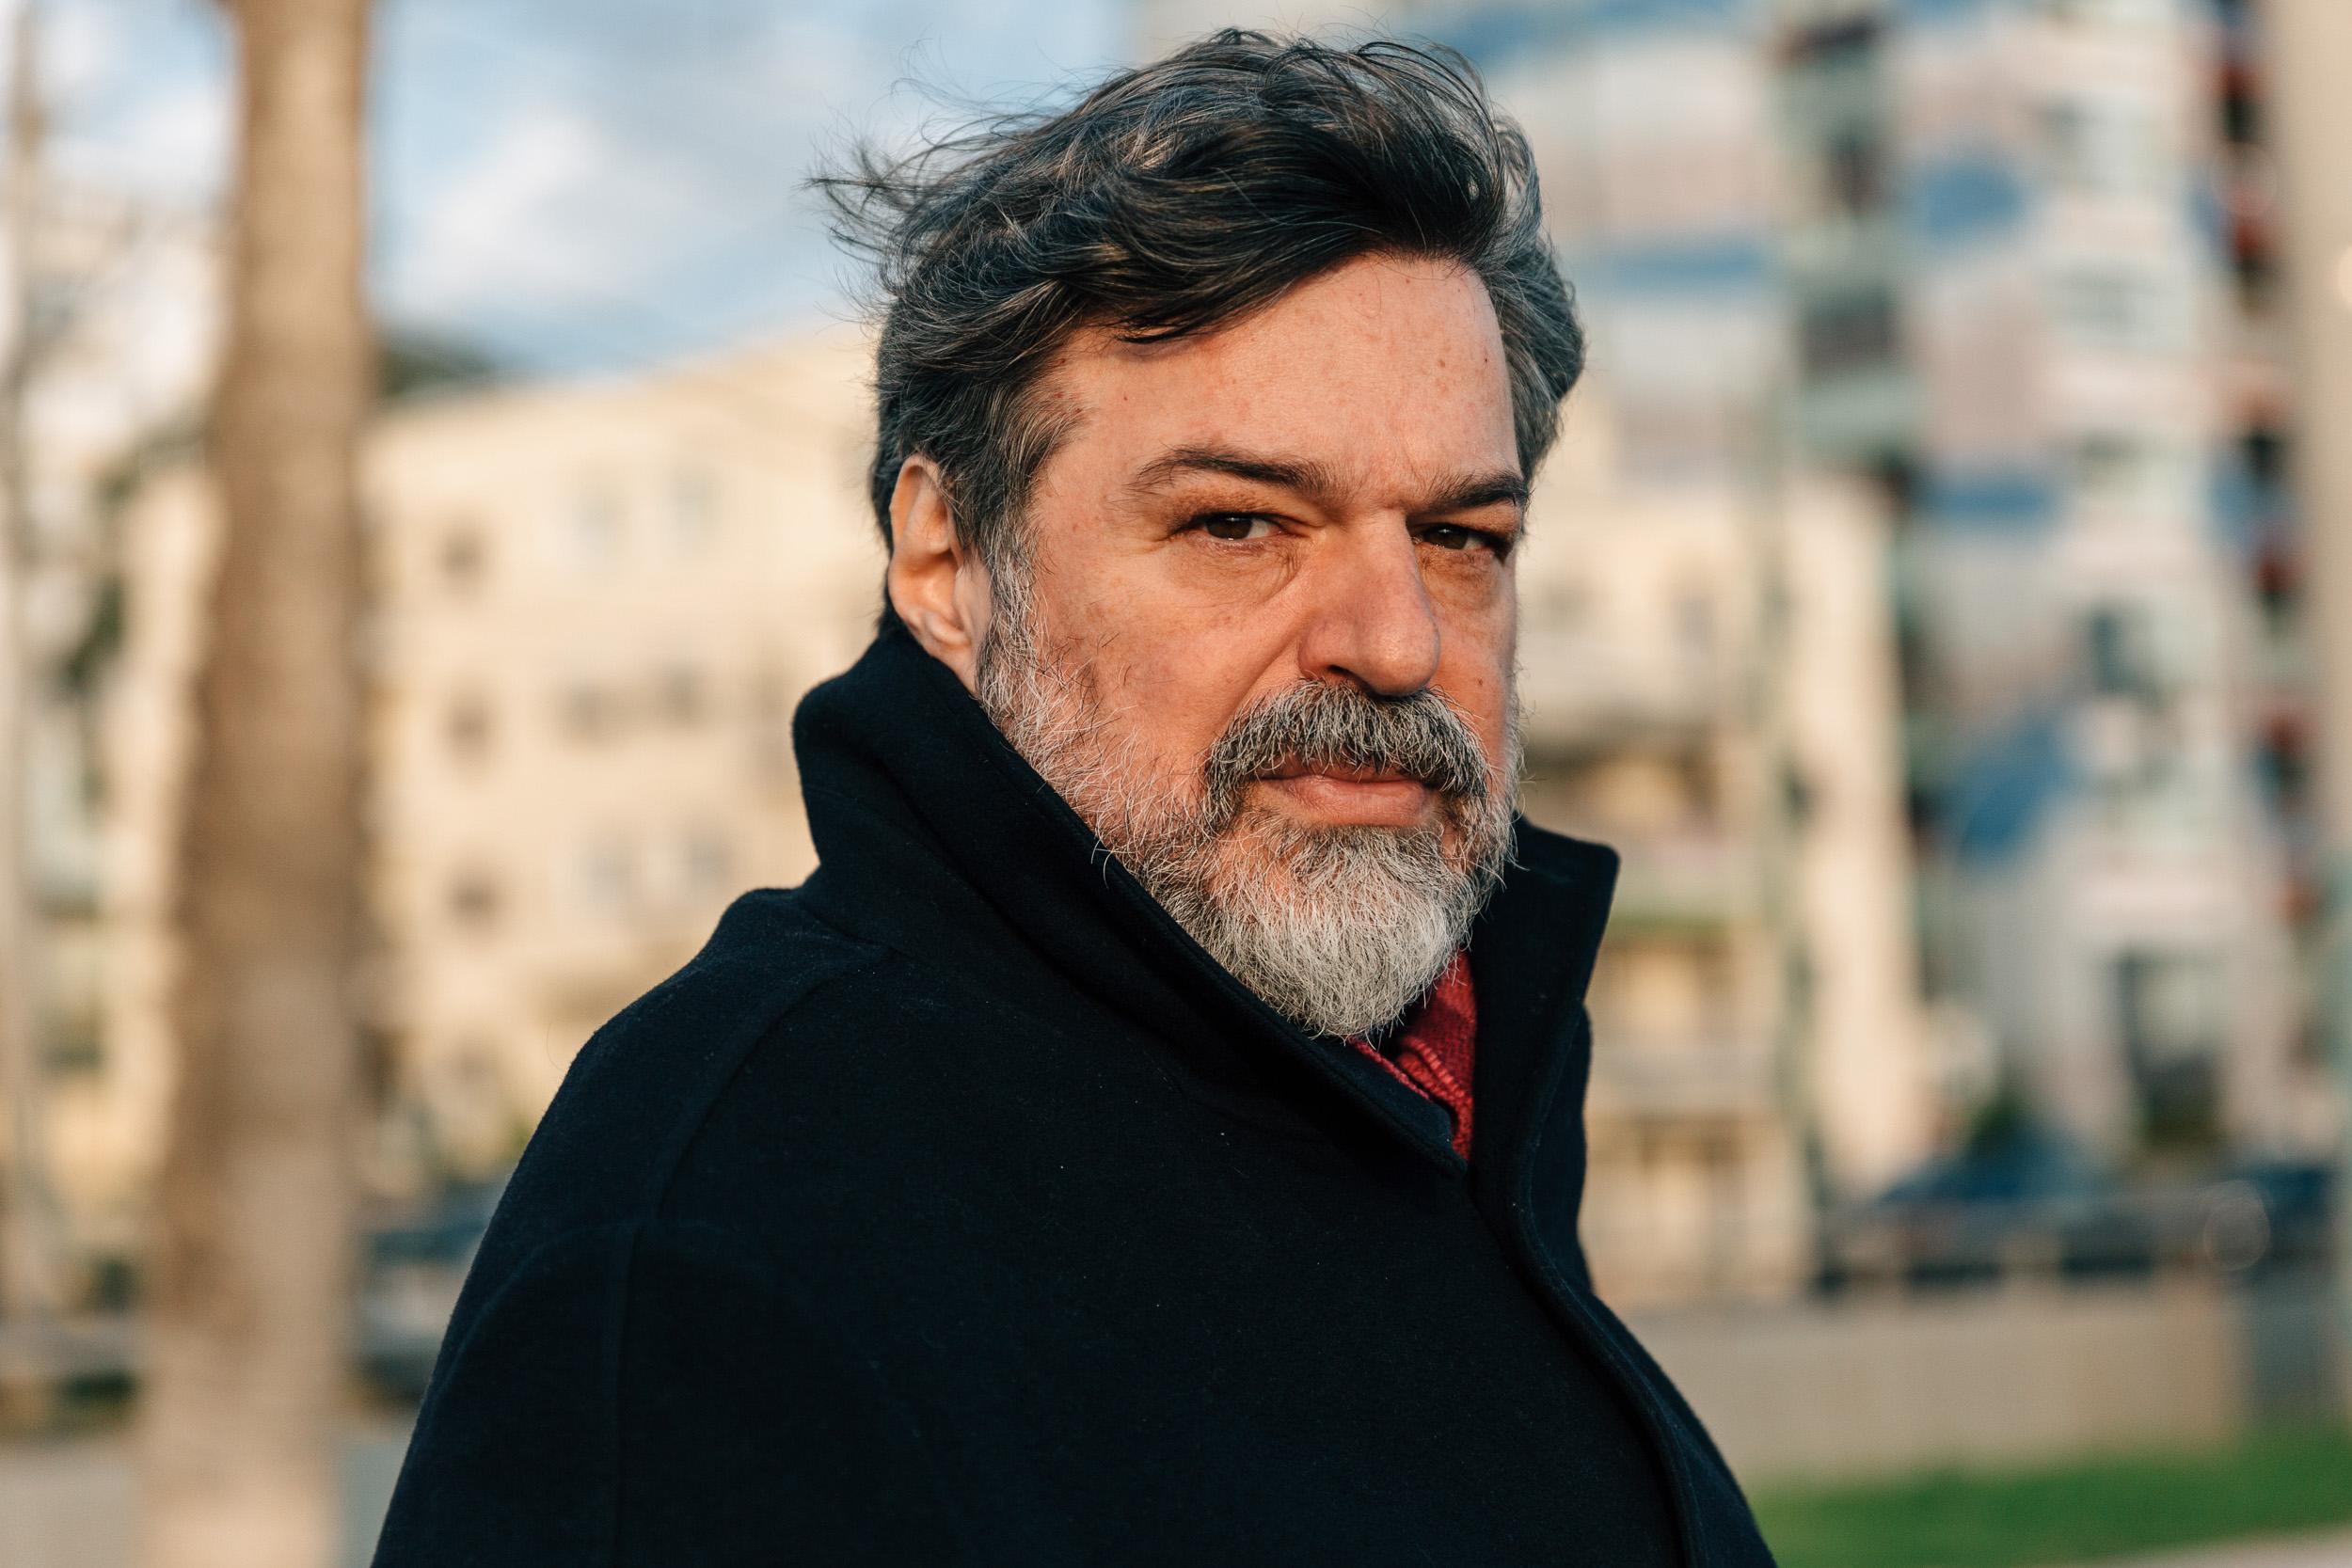 Dimitris Papadimitriou